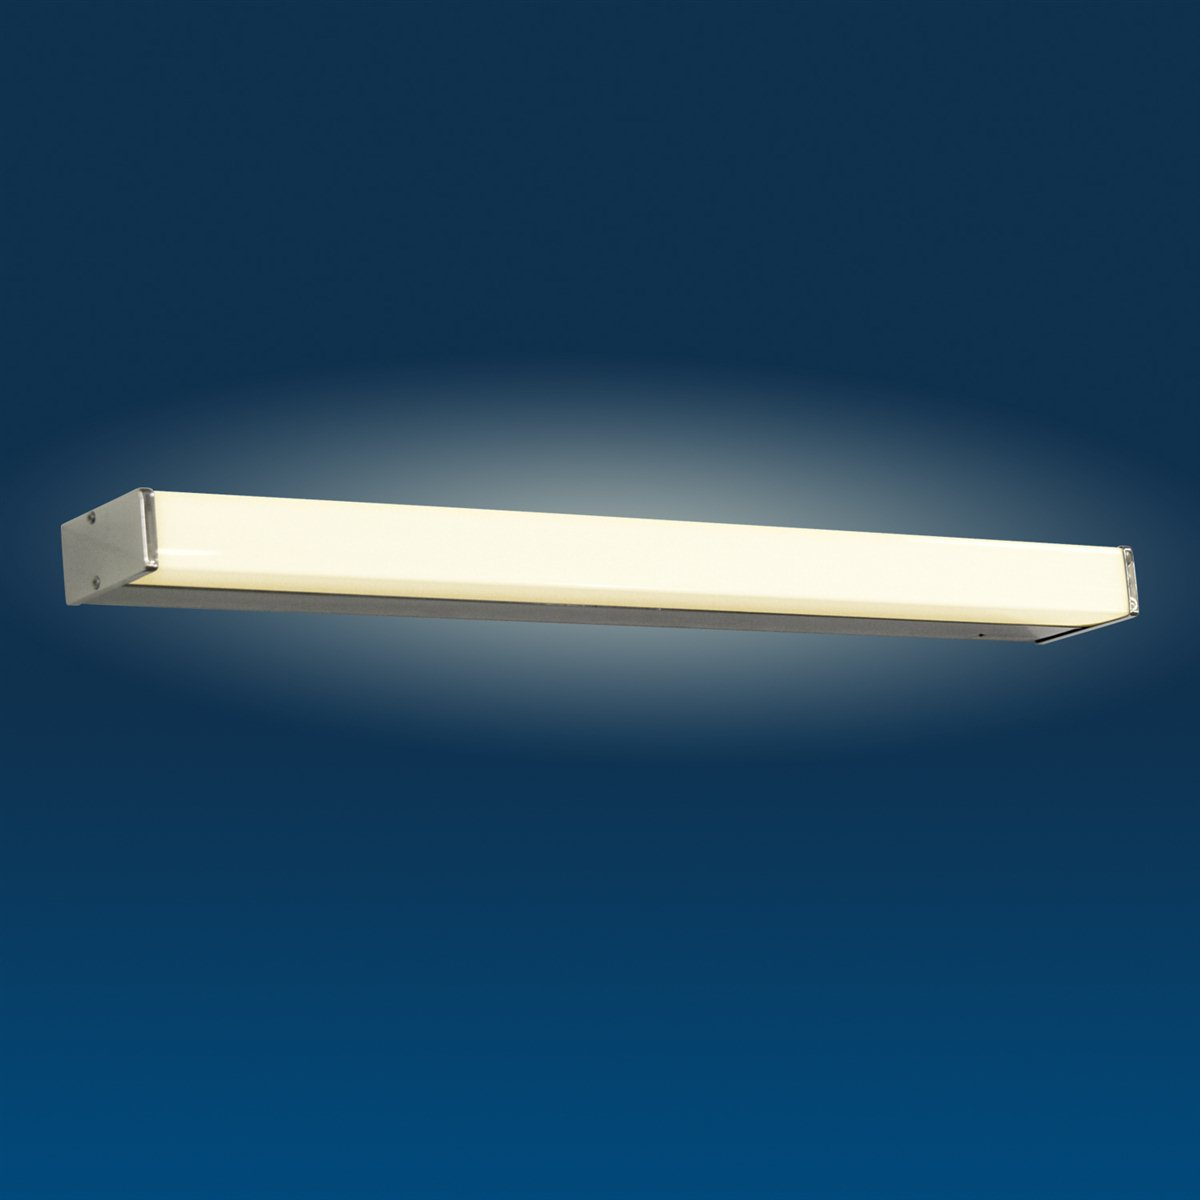 Lampenlux Wandlampe Pico Wandleuchte Spiegelleuchte Unterbauleuchte 60cm IP44 Kchenlampe5321009